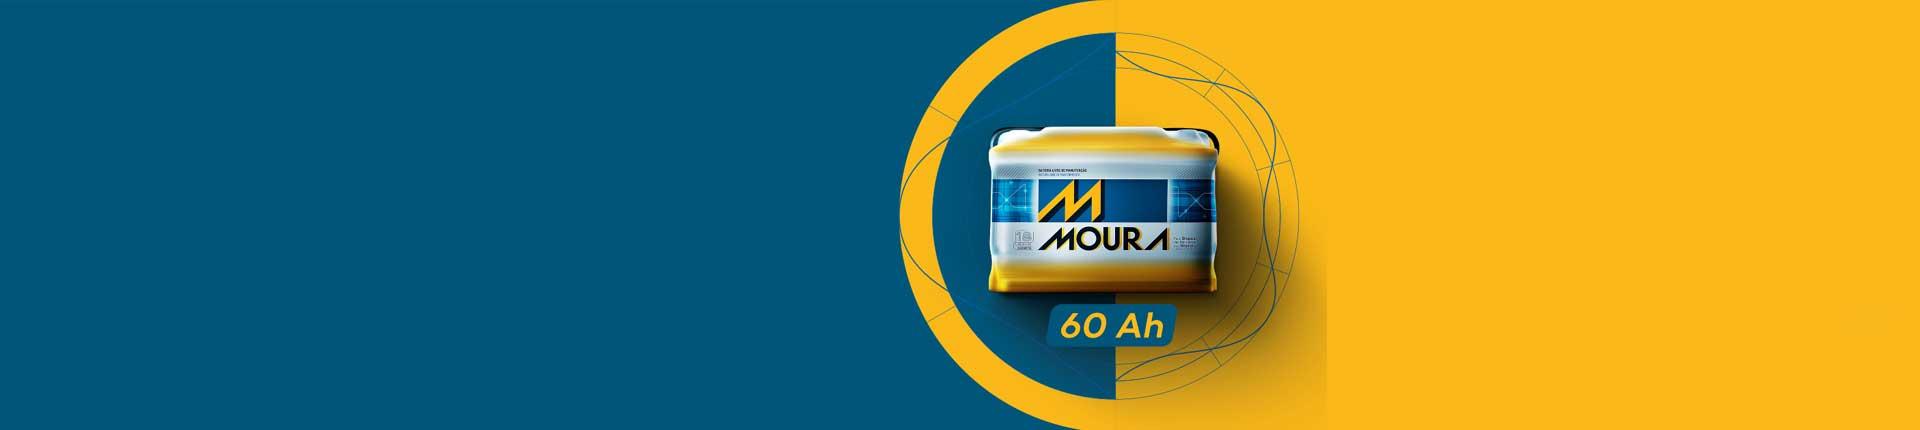 bateria itajai 24 horas entrega sos socorro br 101 moura garantia eletran heliar